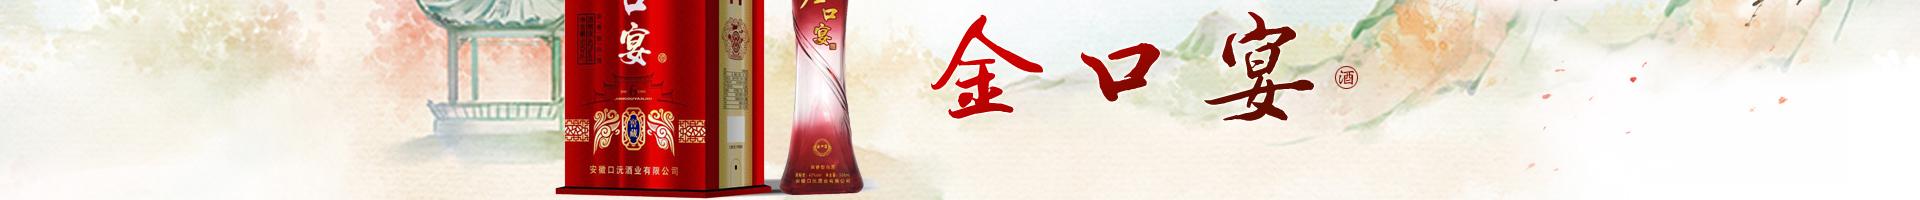 安徽口沅酒业有限公司